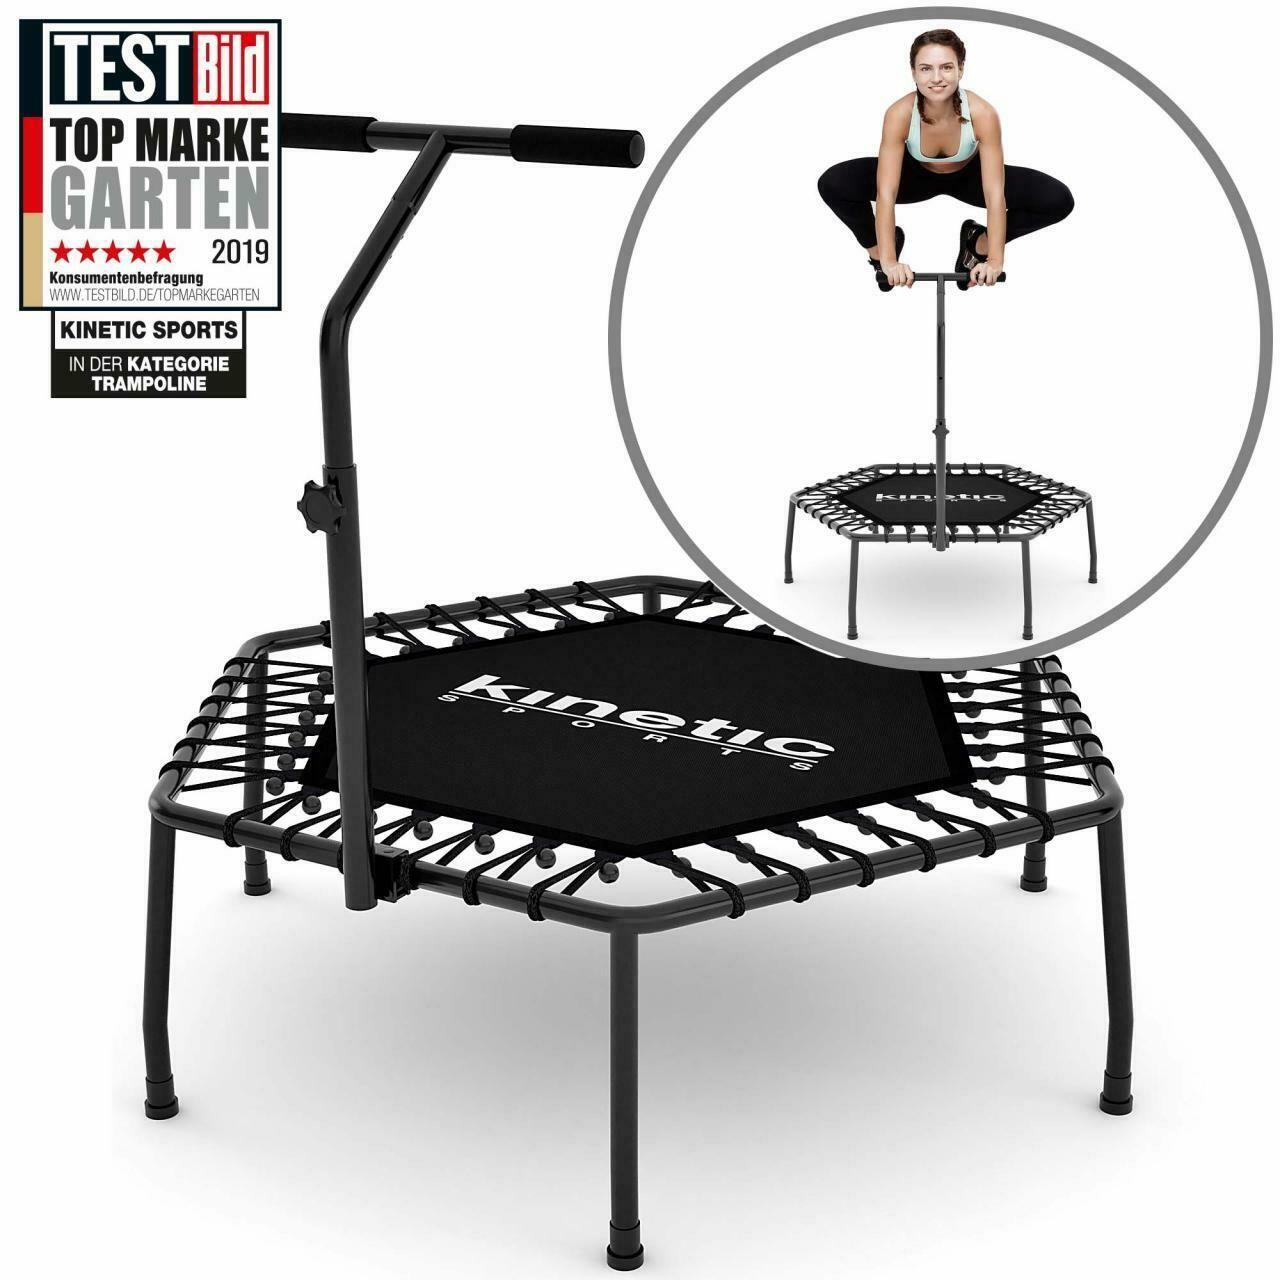 Kinetic Sports Mini Trampolin Fitness Hexagon Sechseckig Mit Griff Indoor Ebay In 2020 Fitness Indoor Ebay